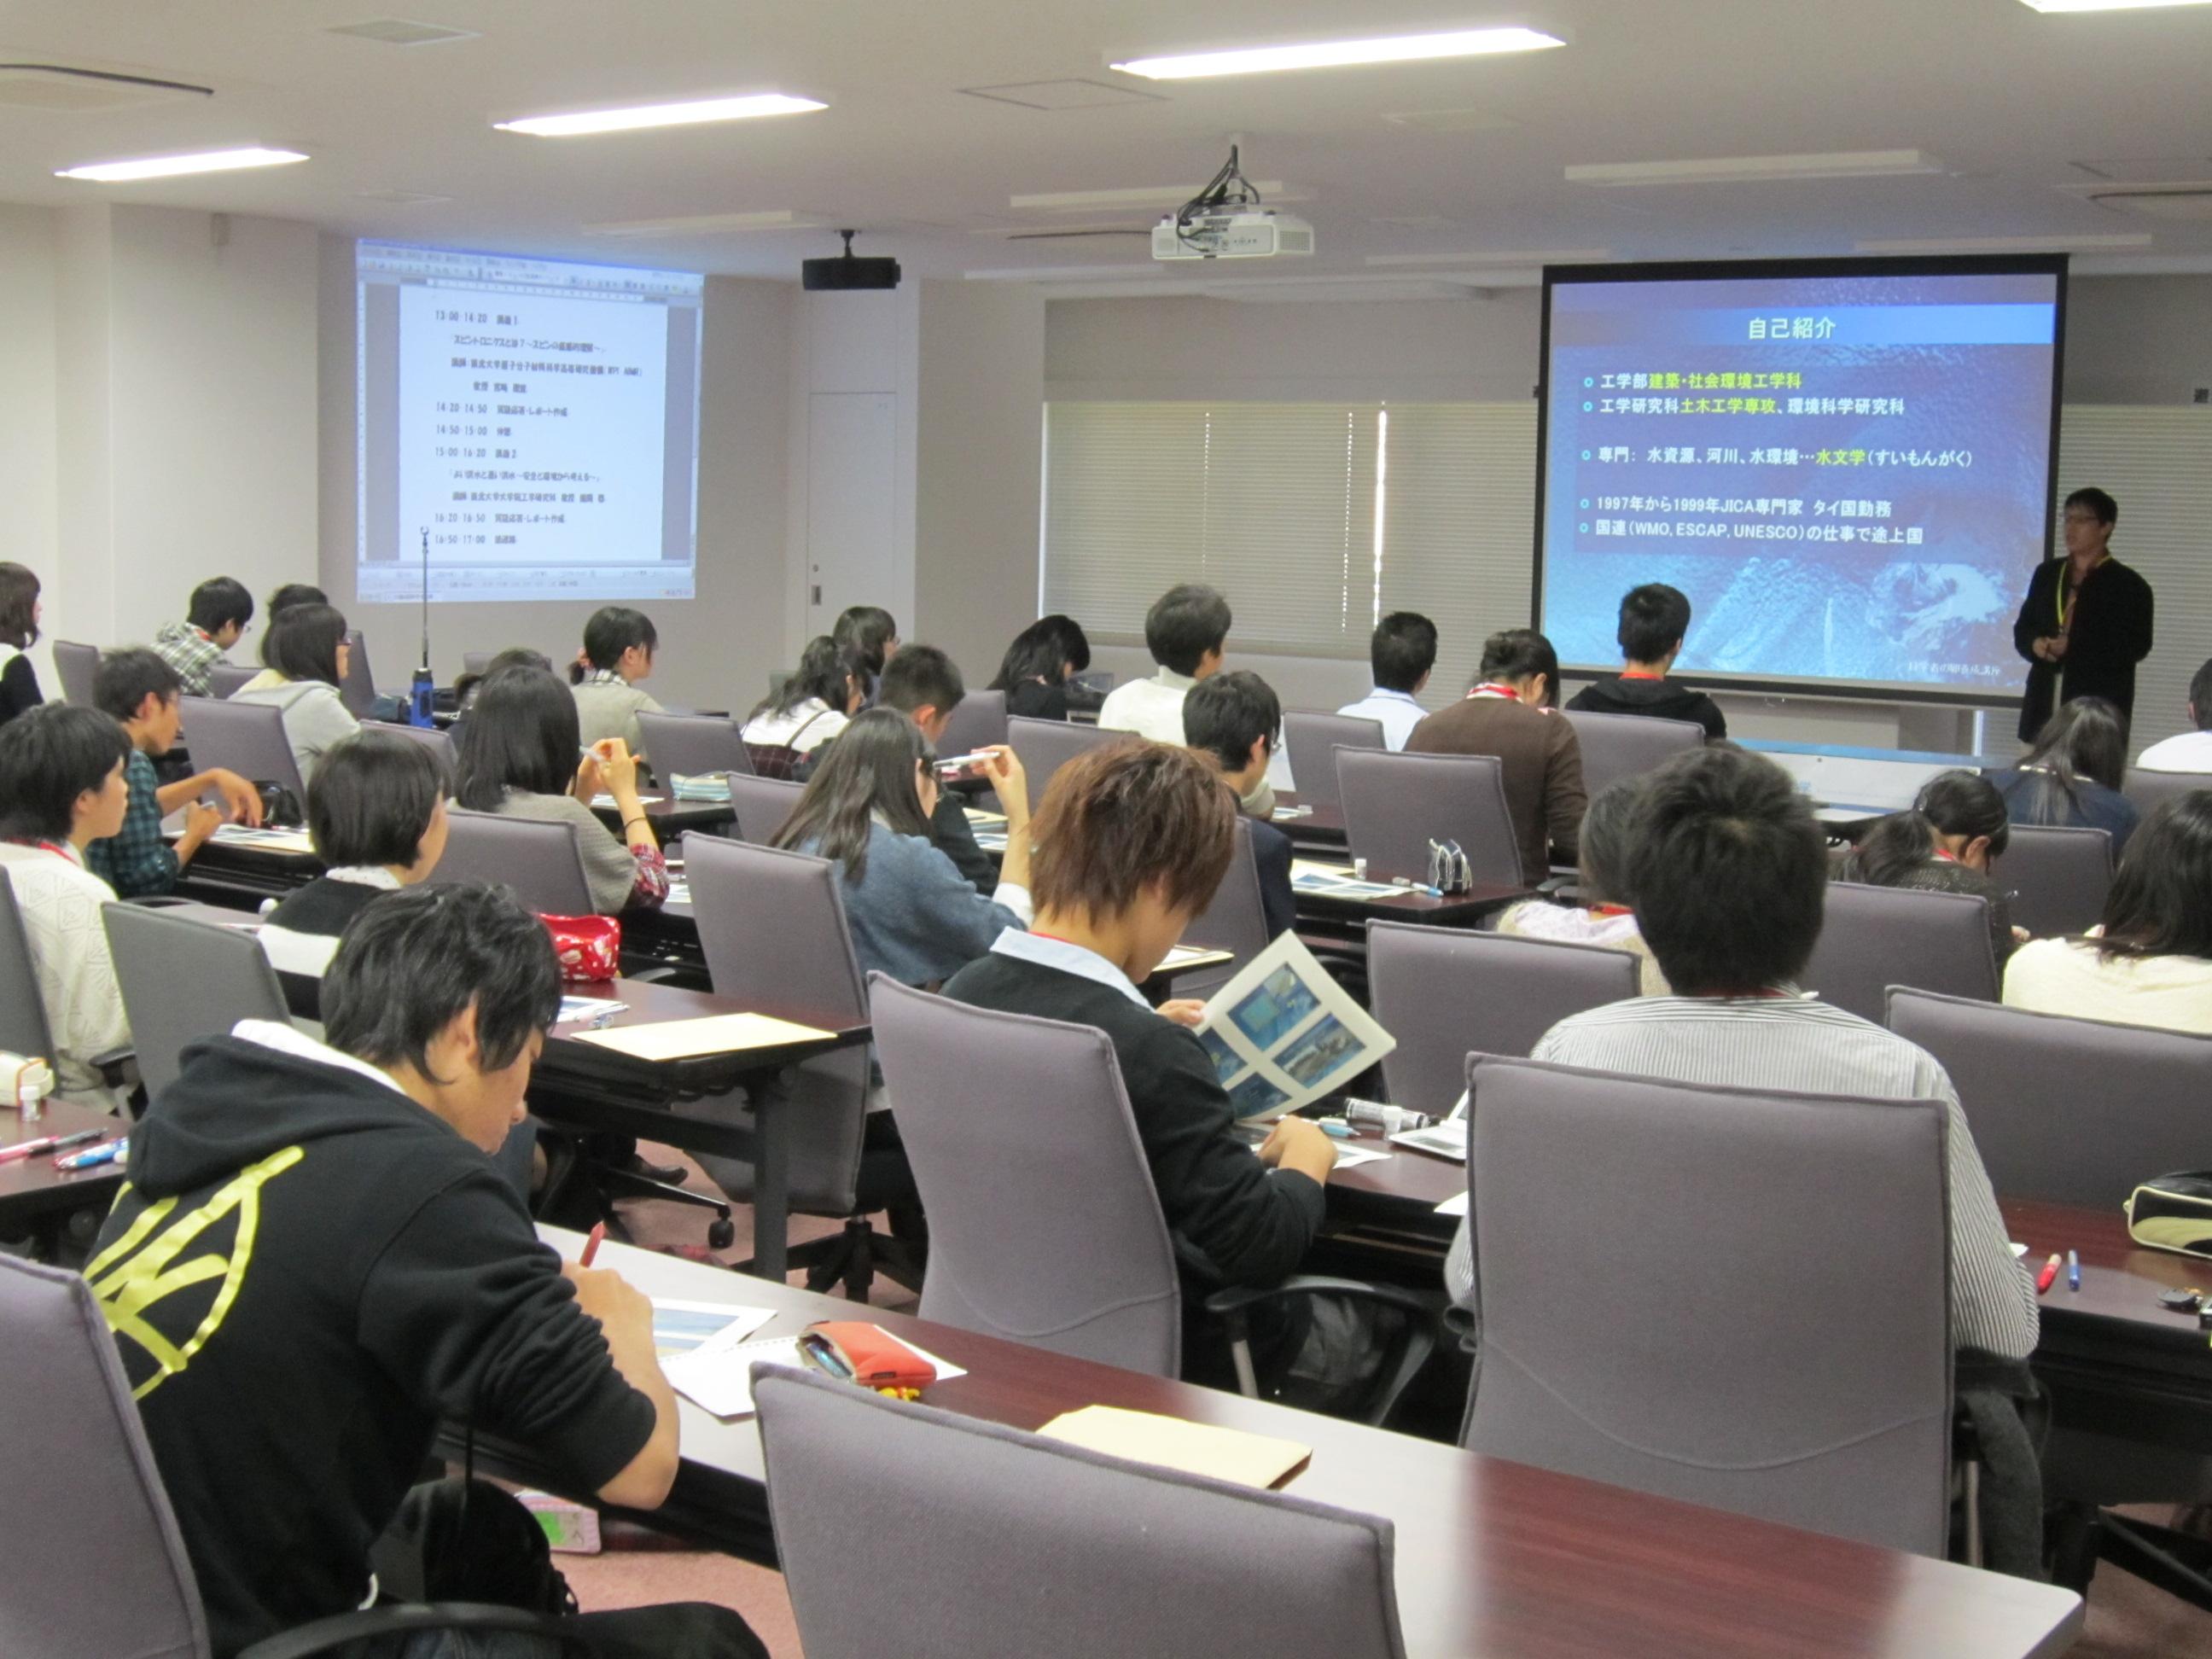 http://www.ige.tohoku.ac.jp/mirai/news/upload_items/201210/%E8%A8%AD%E5%96%B6%E3%83%BB%E8%AC%9B%E7%BE%A9%20033.jpg